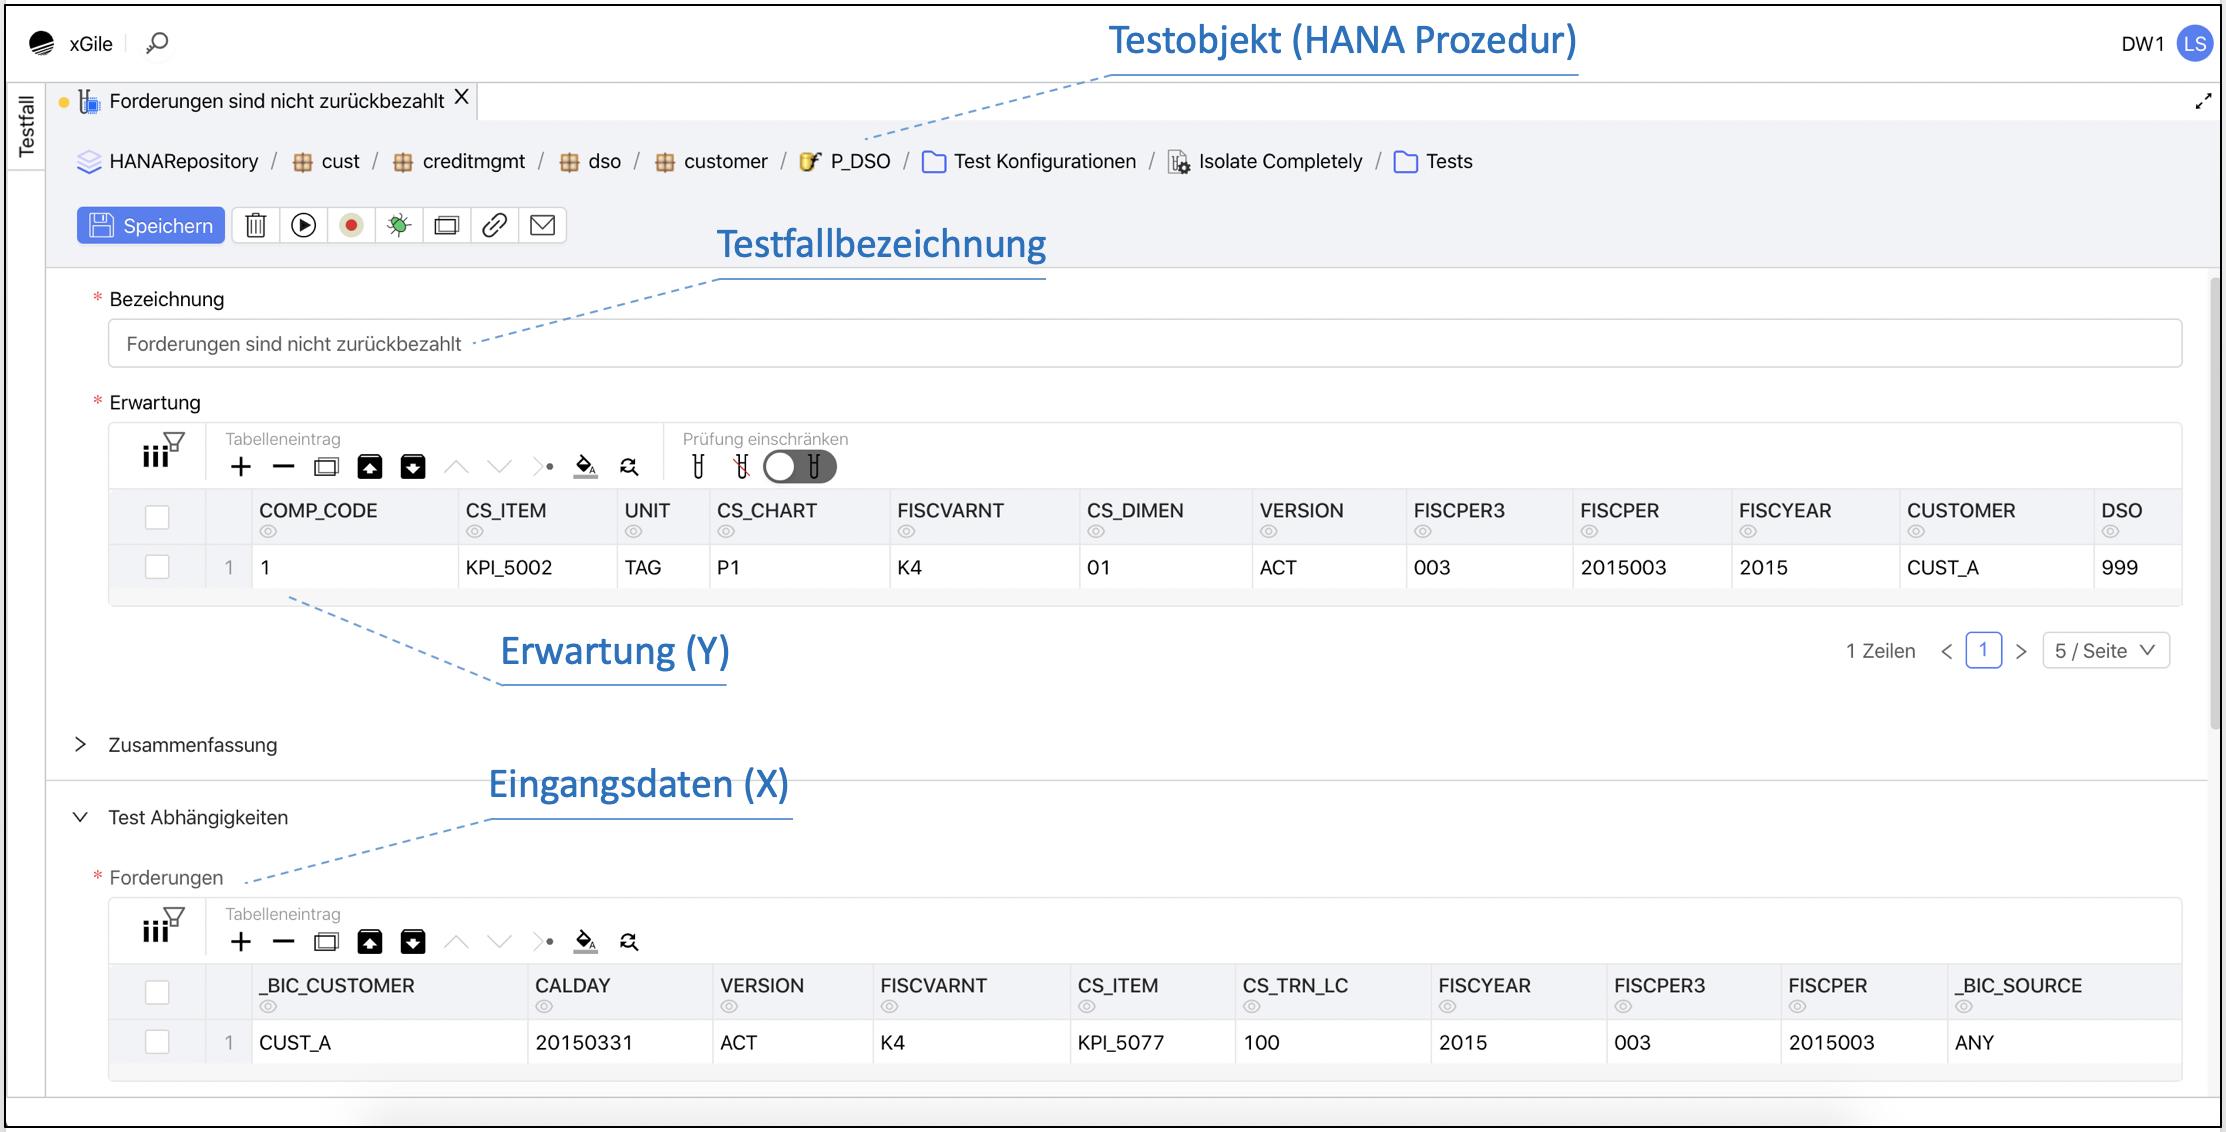 Einfache Testfalldefinition und Erstellung eines Komponententests mit xGile